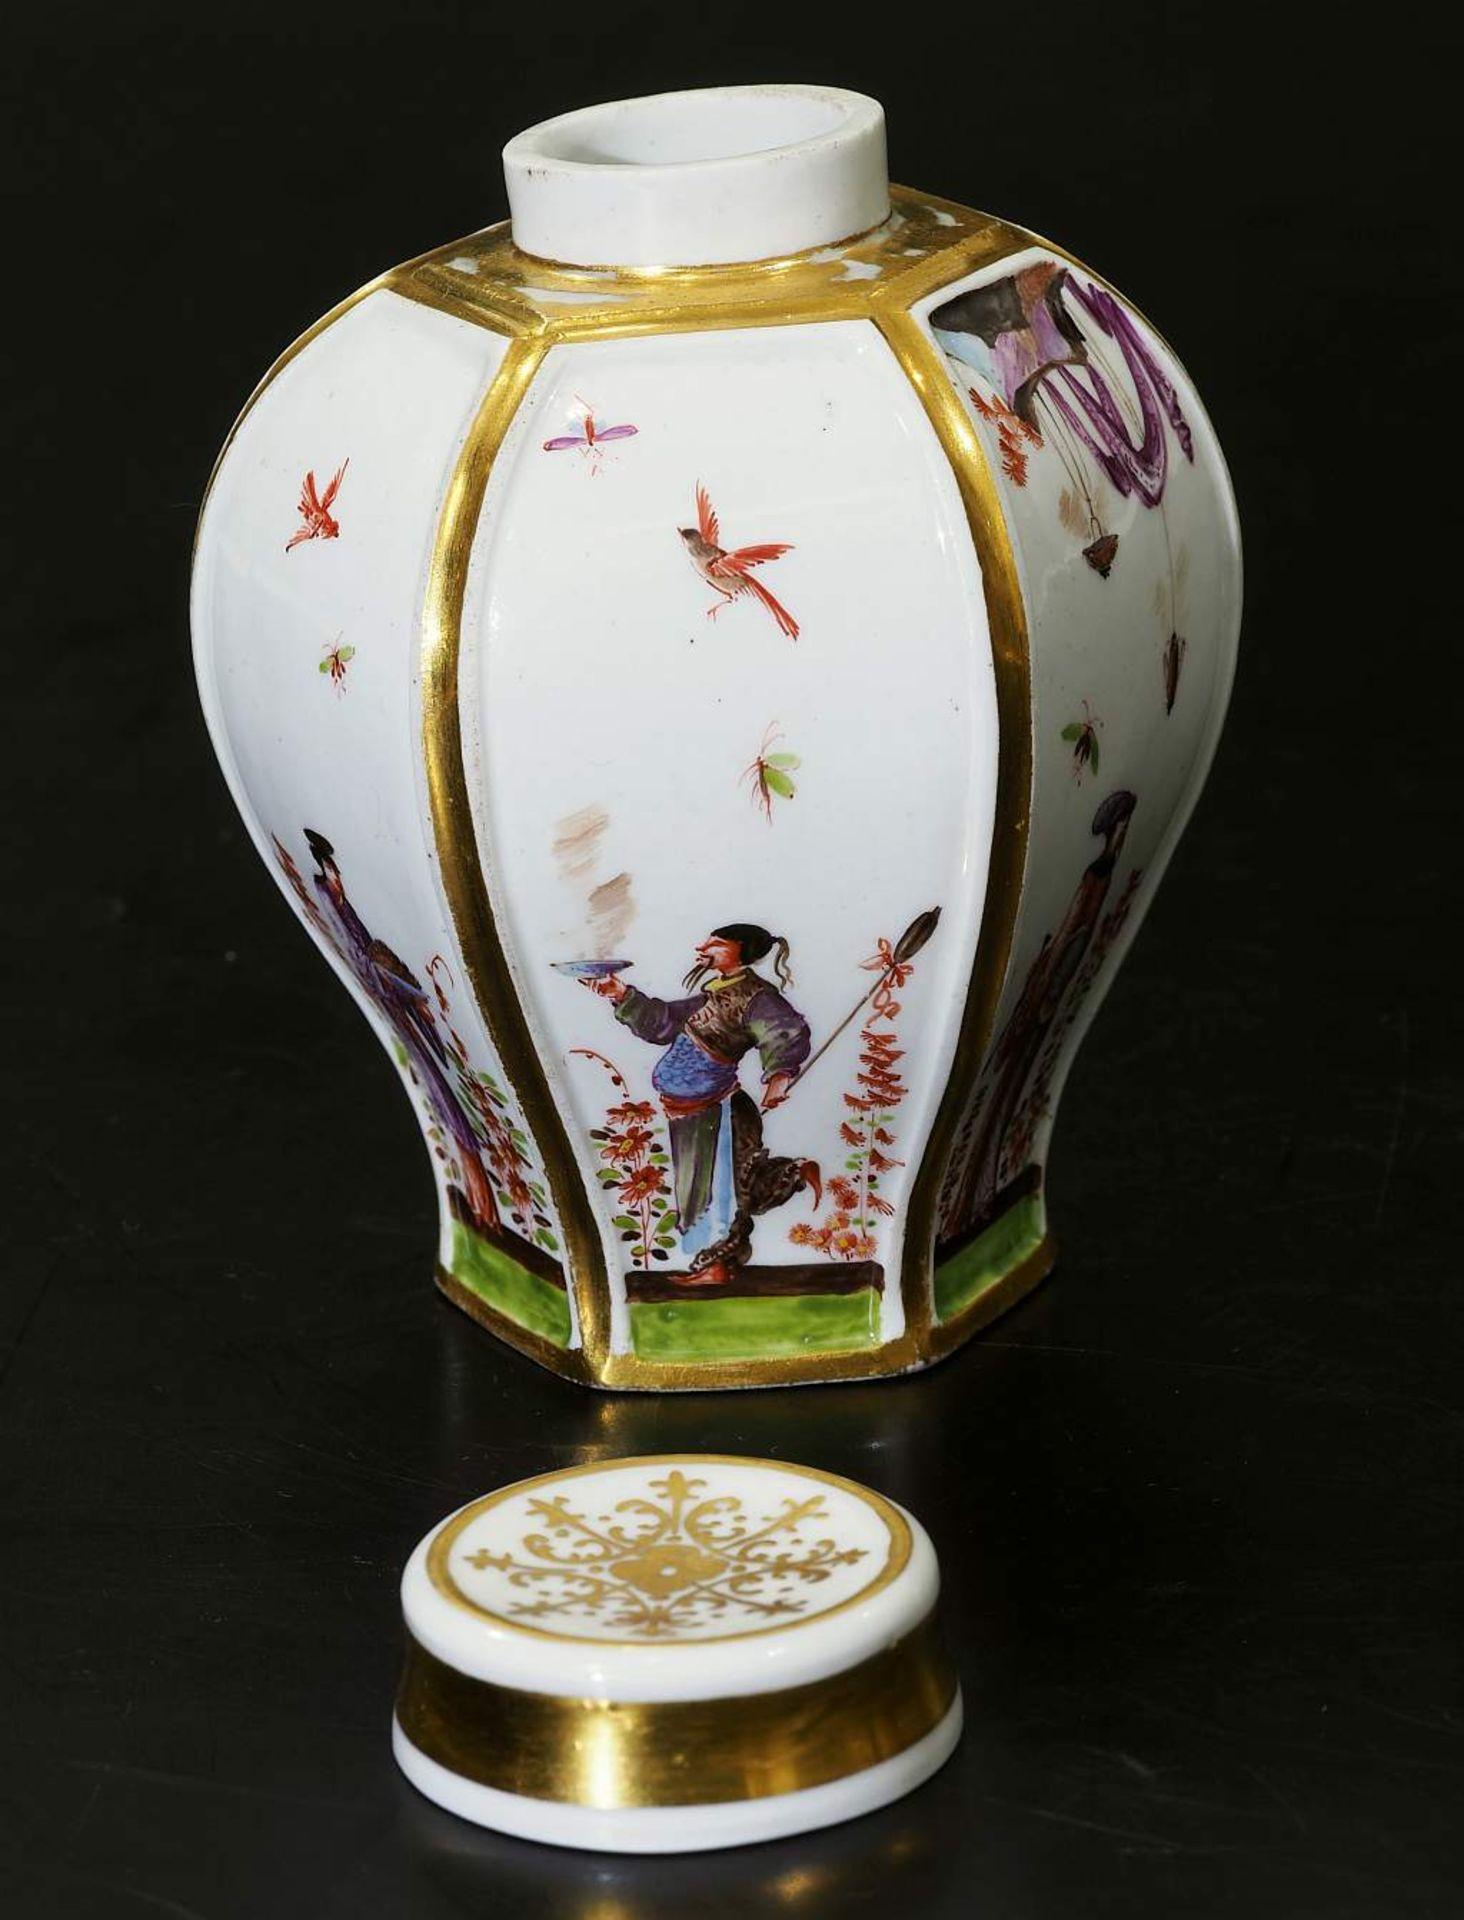 Teedose um 1725. MEISSEN. Teedose um 1725. MEISSEN. Balusterförmige Teedose in hexagonaler Form - Bild 5 aus 8